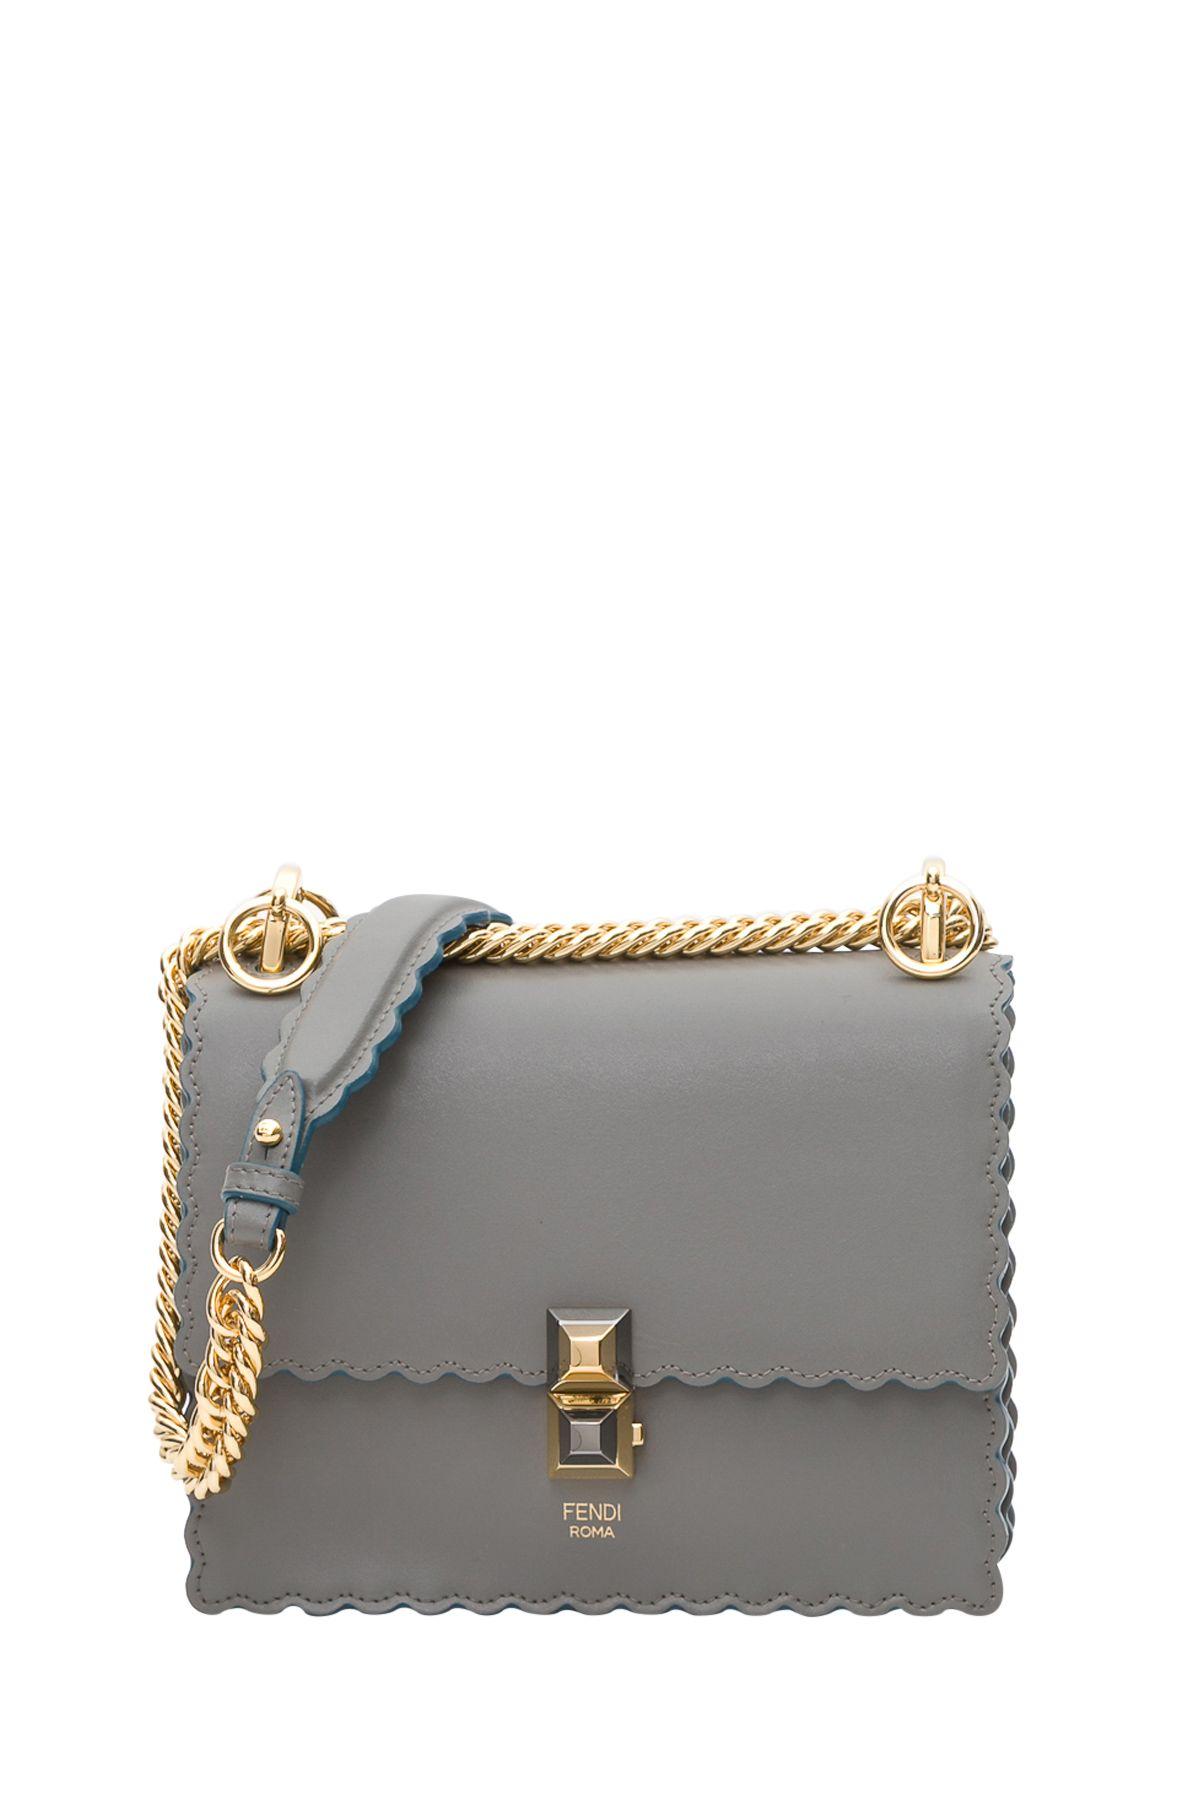 e70de65b844e Fendi Fendi Kan I Mini Bag - Gray - 10865290